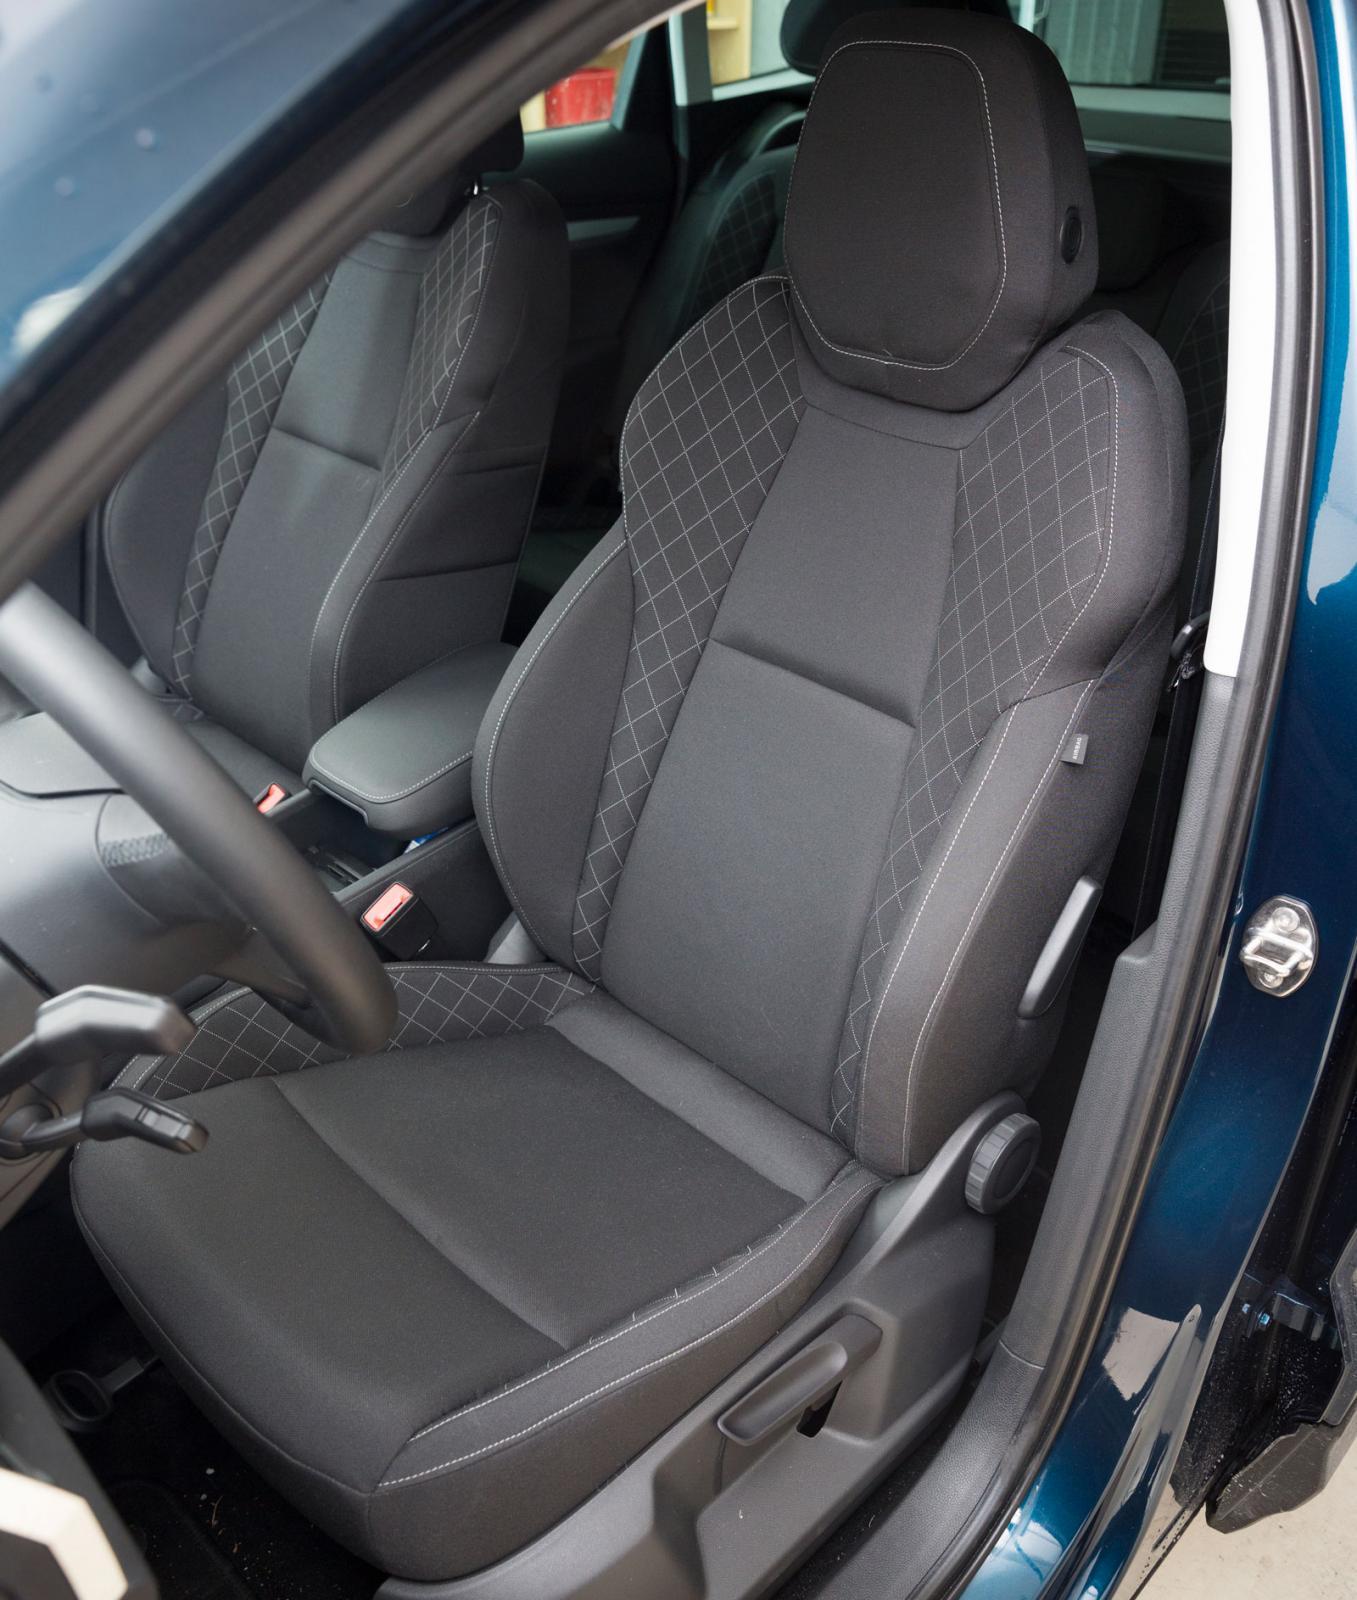 I Skoda sitter man lägst och mest likt en vanlig personbil. Bara Karoq har höjdjustering av båda framstolarna som standard.